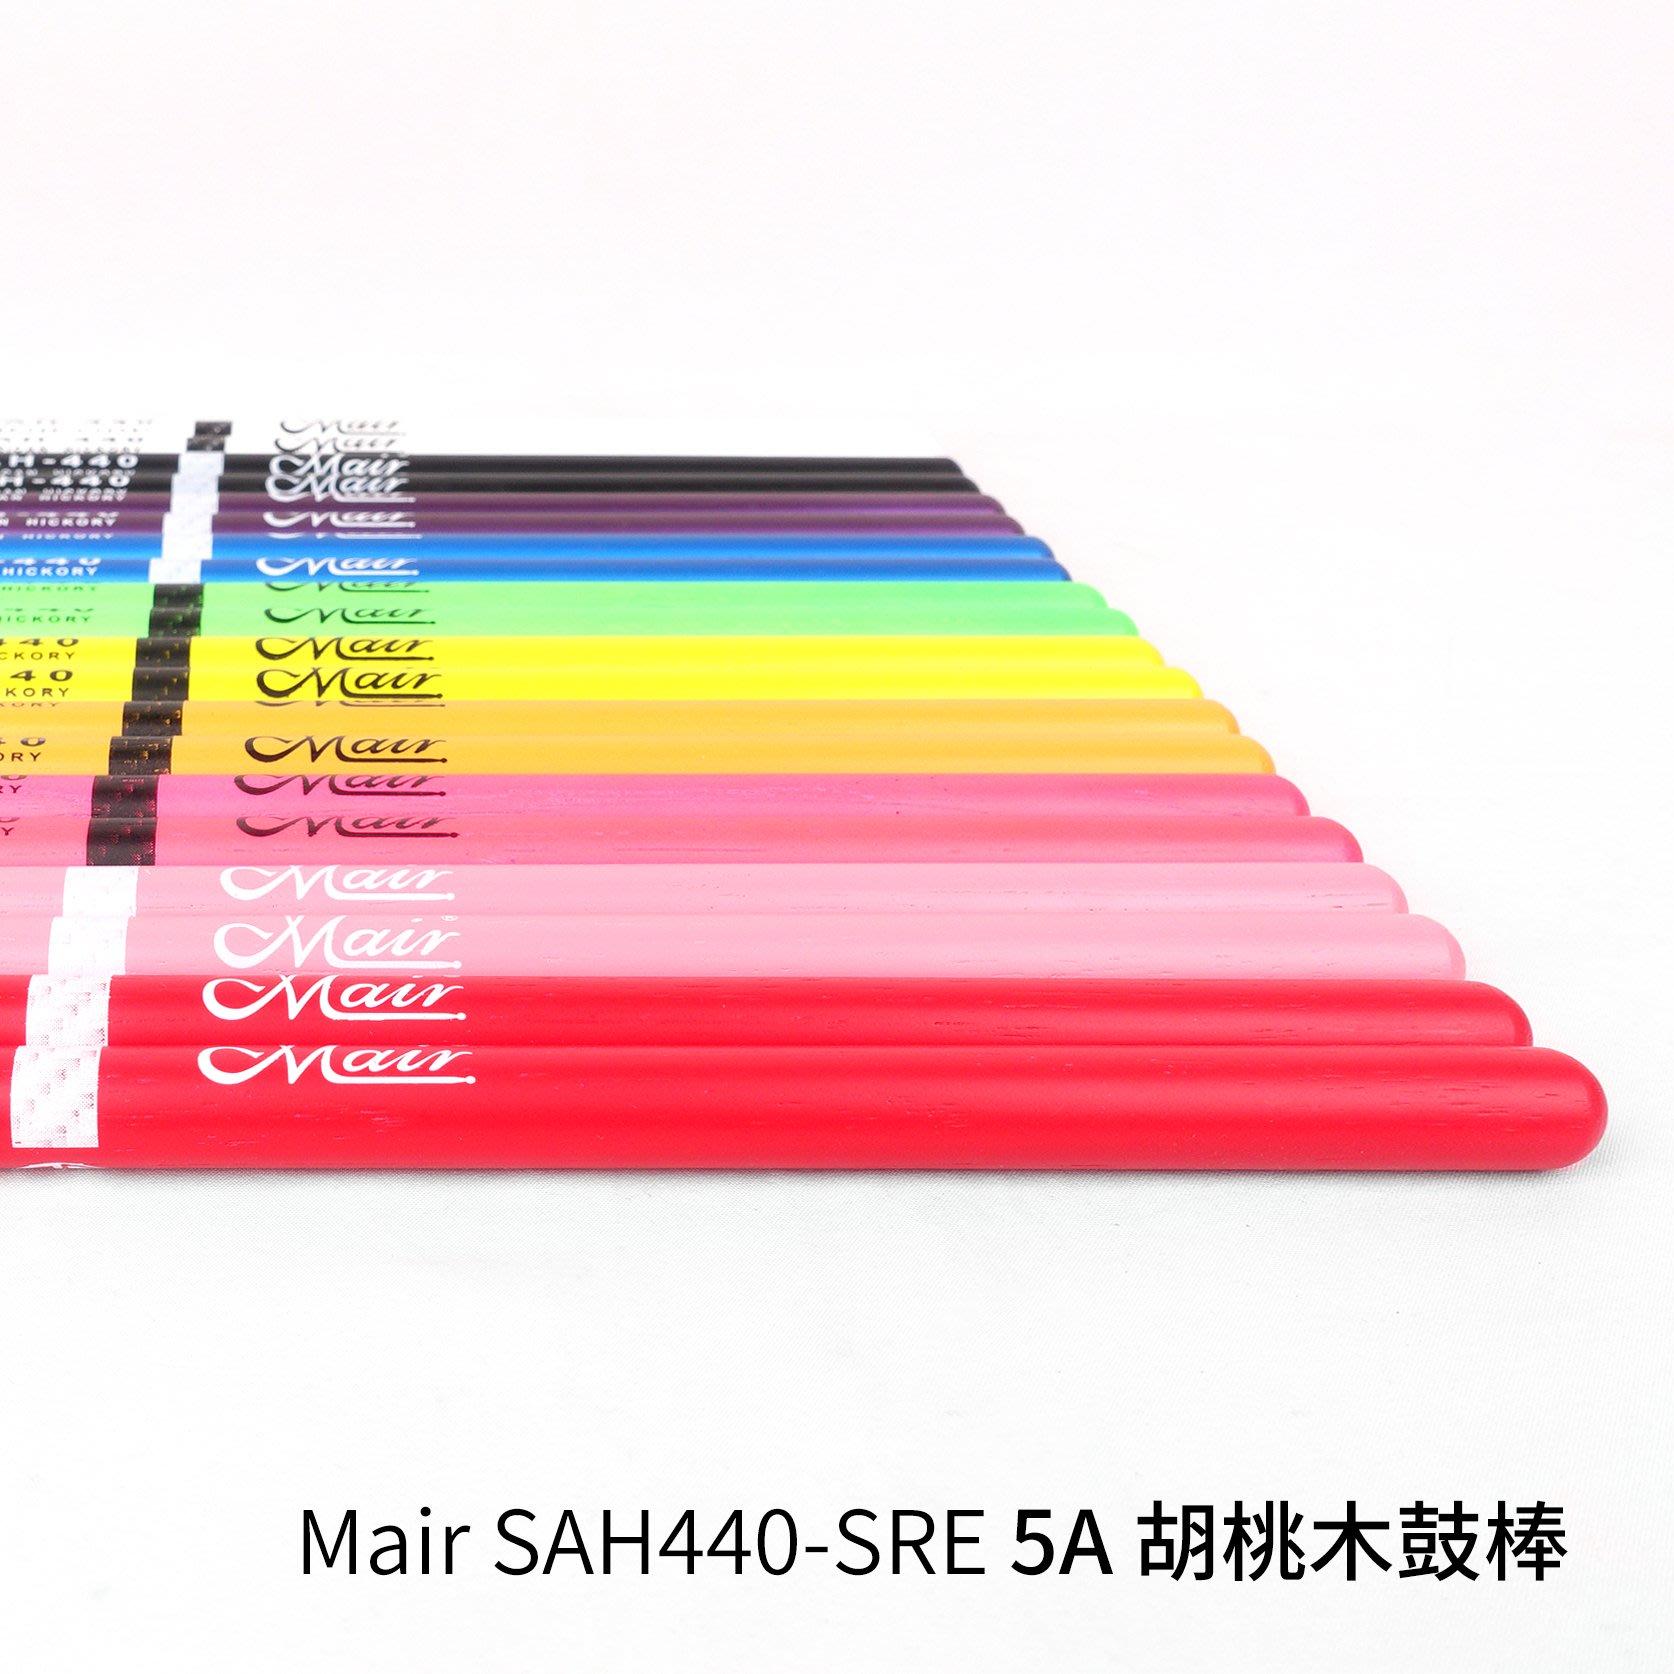 立昇樂器 Mair SAH440 SRE 5A 胡桃木鼓棒 多色可選 入門鼓棒